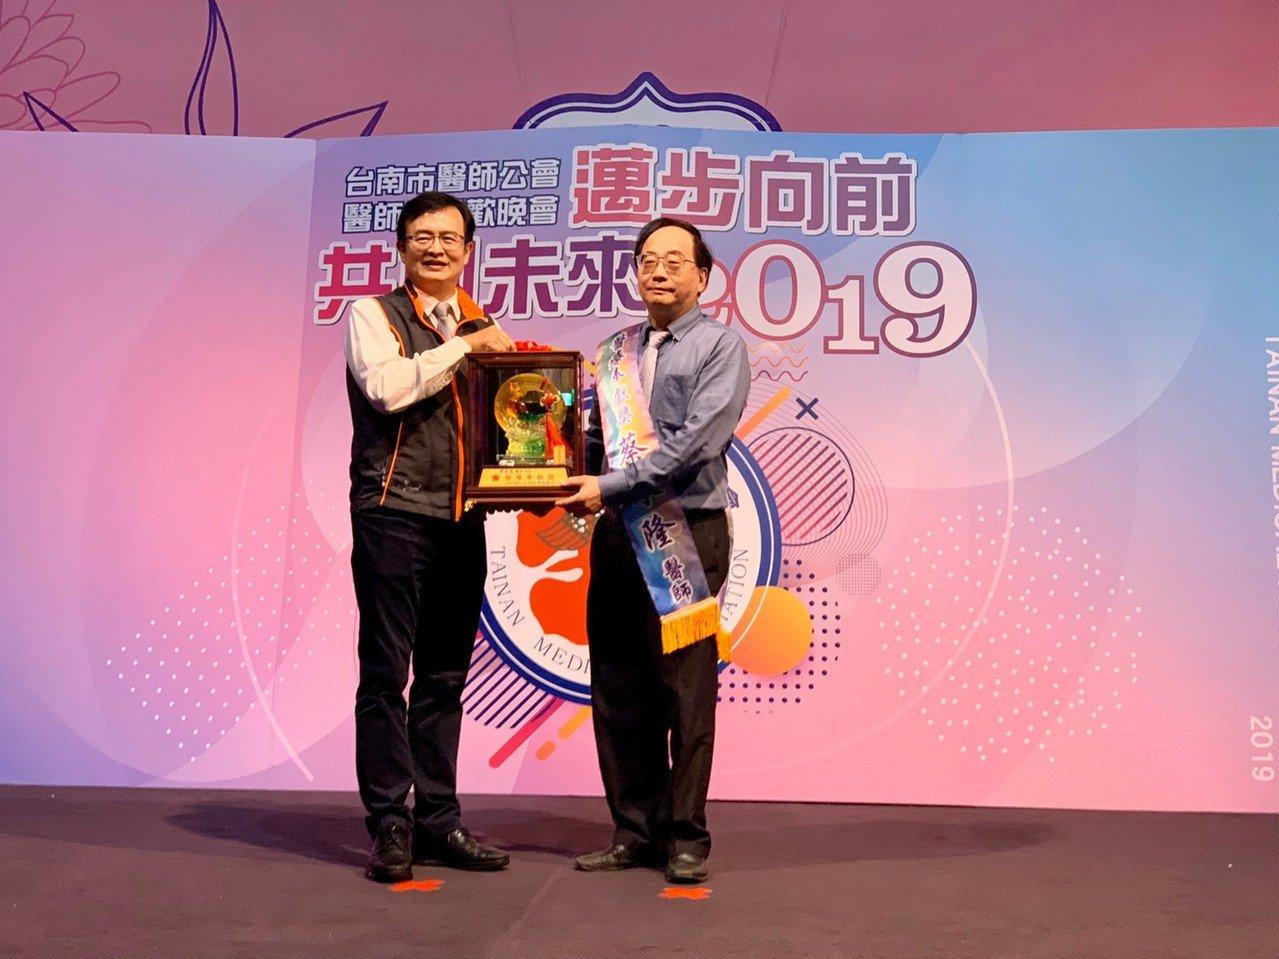 台南醫院婦產科主任蔡永隆獲得台南市醫師公會今年的醫療奉獻獎。圖/醫院提供